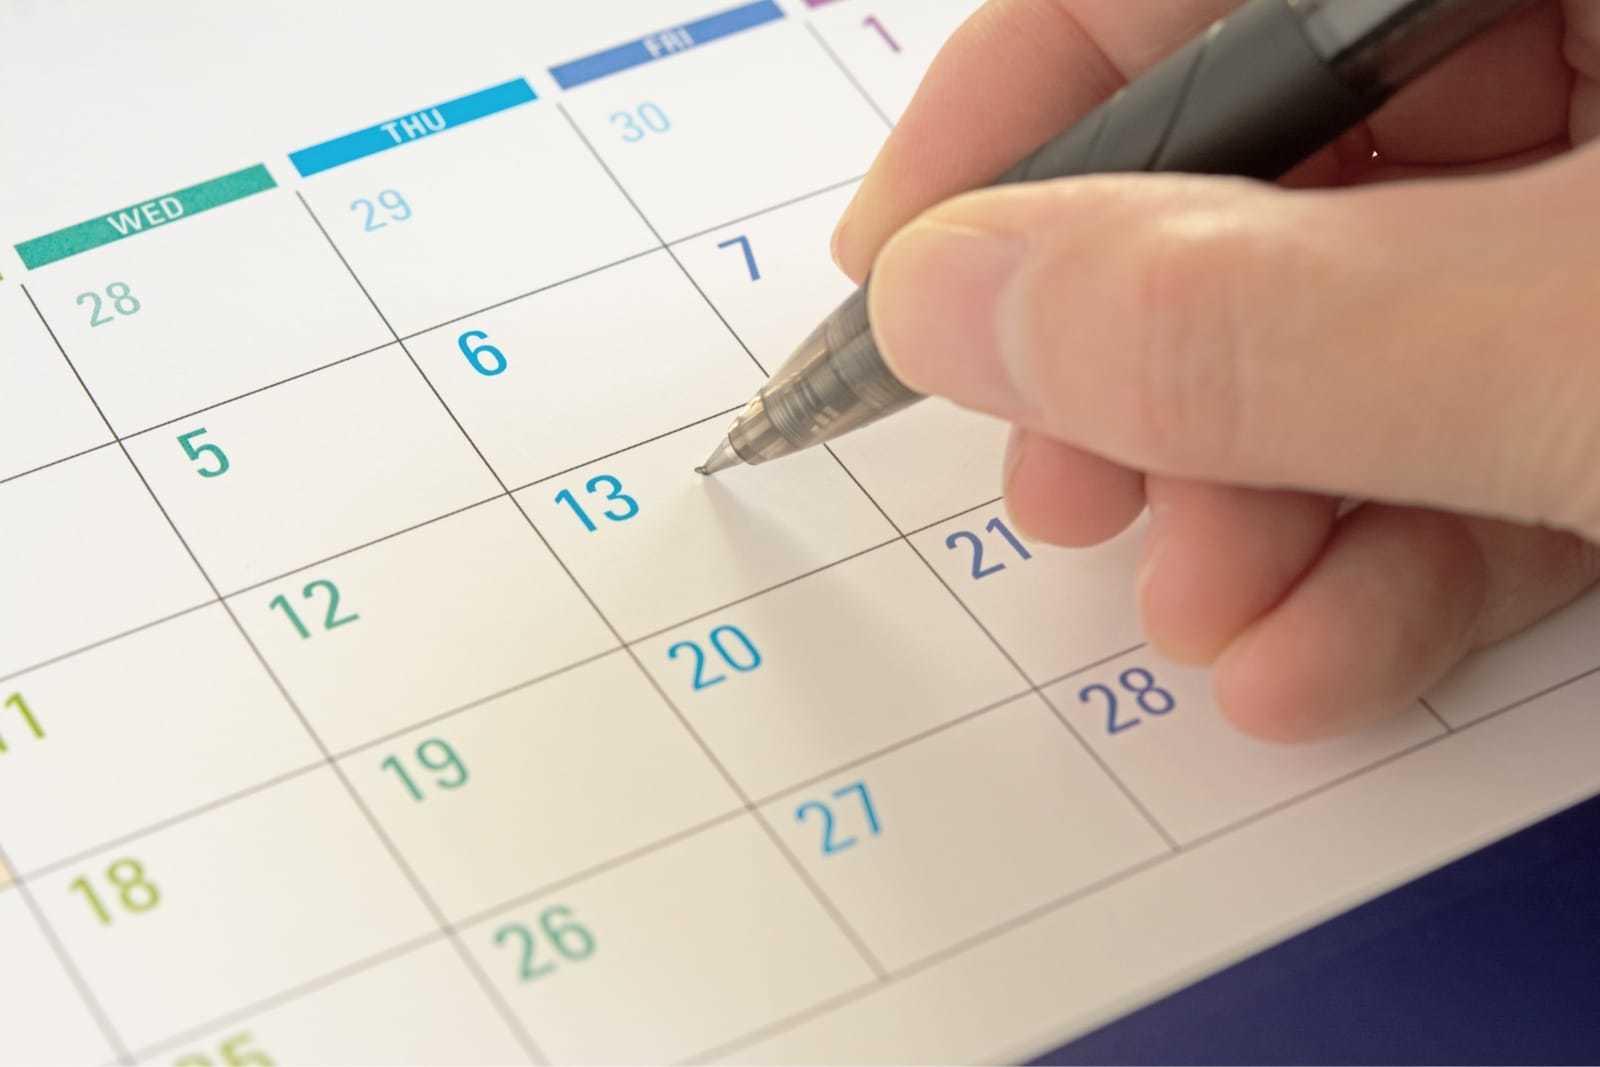 カレンダーにペンで予定を書き込む様子